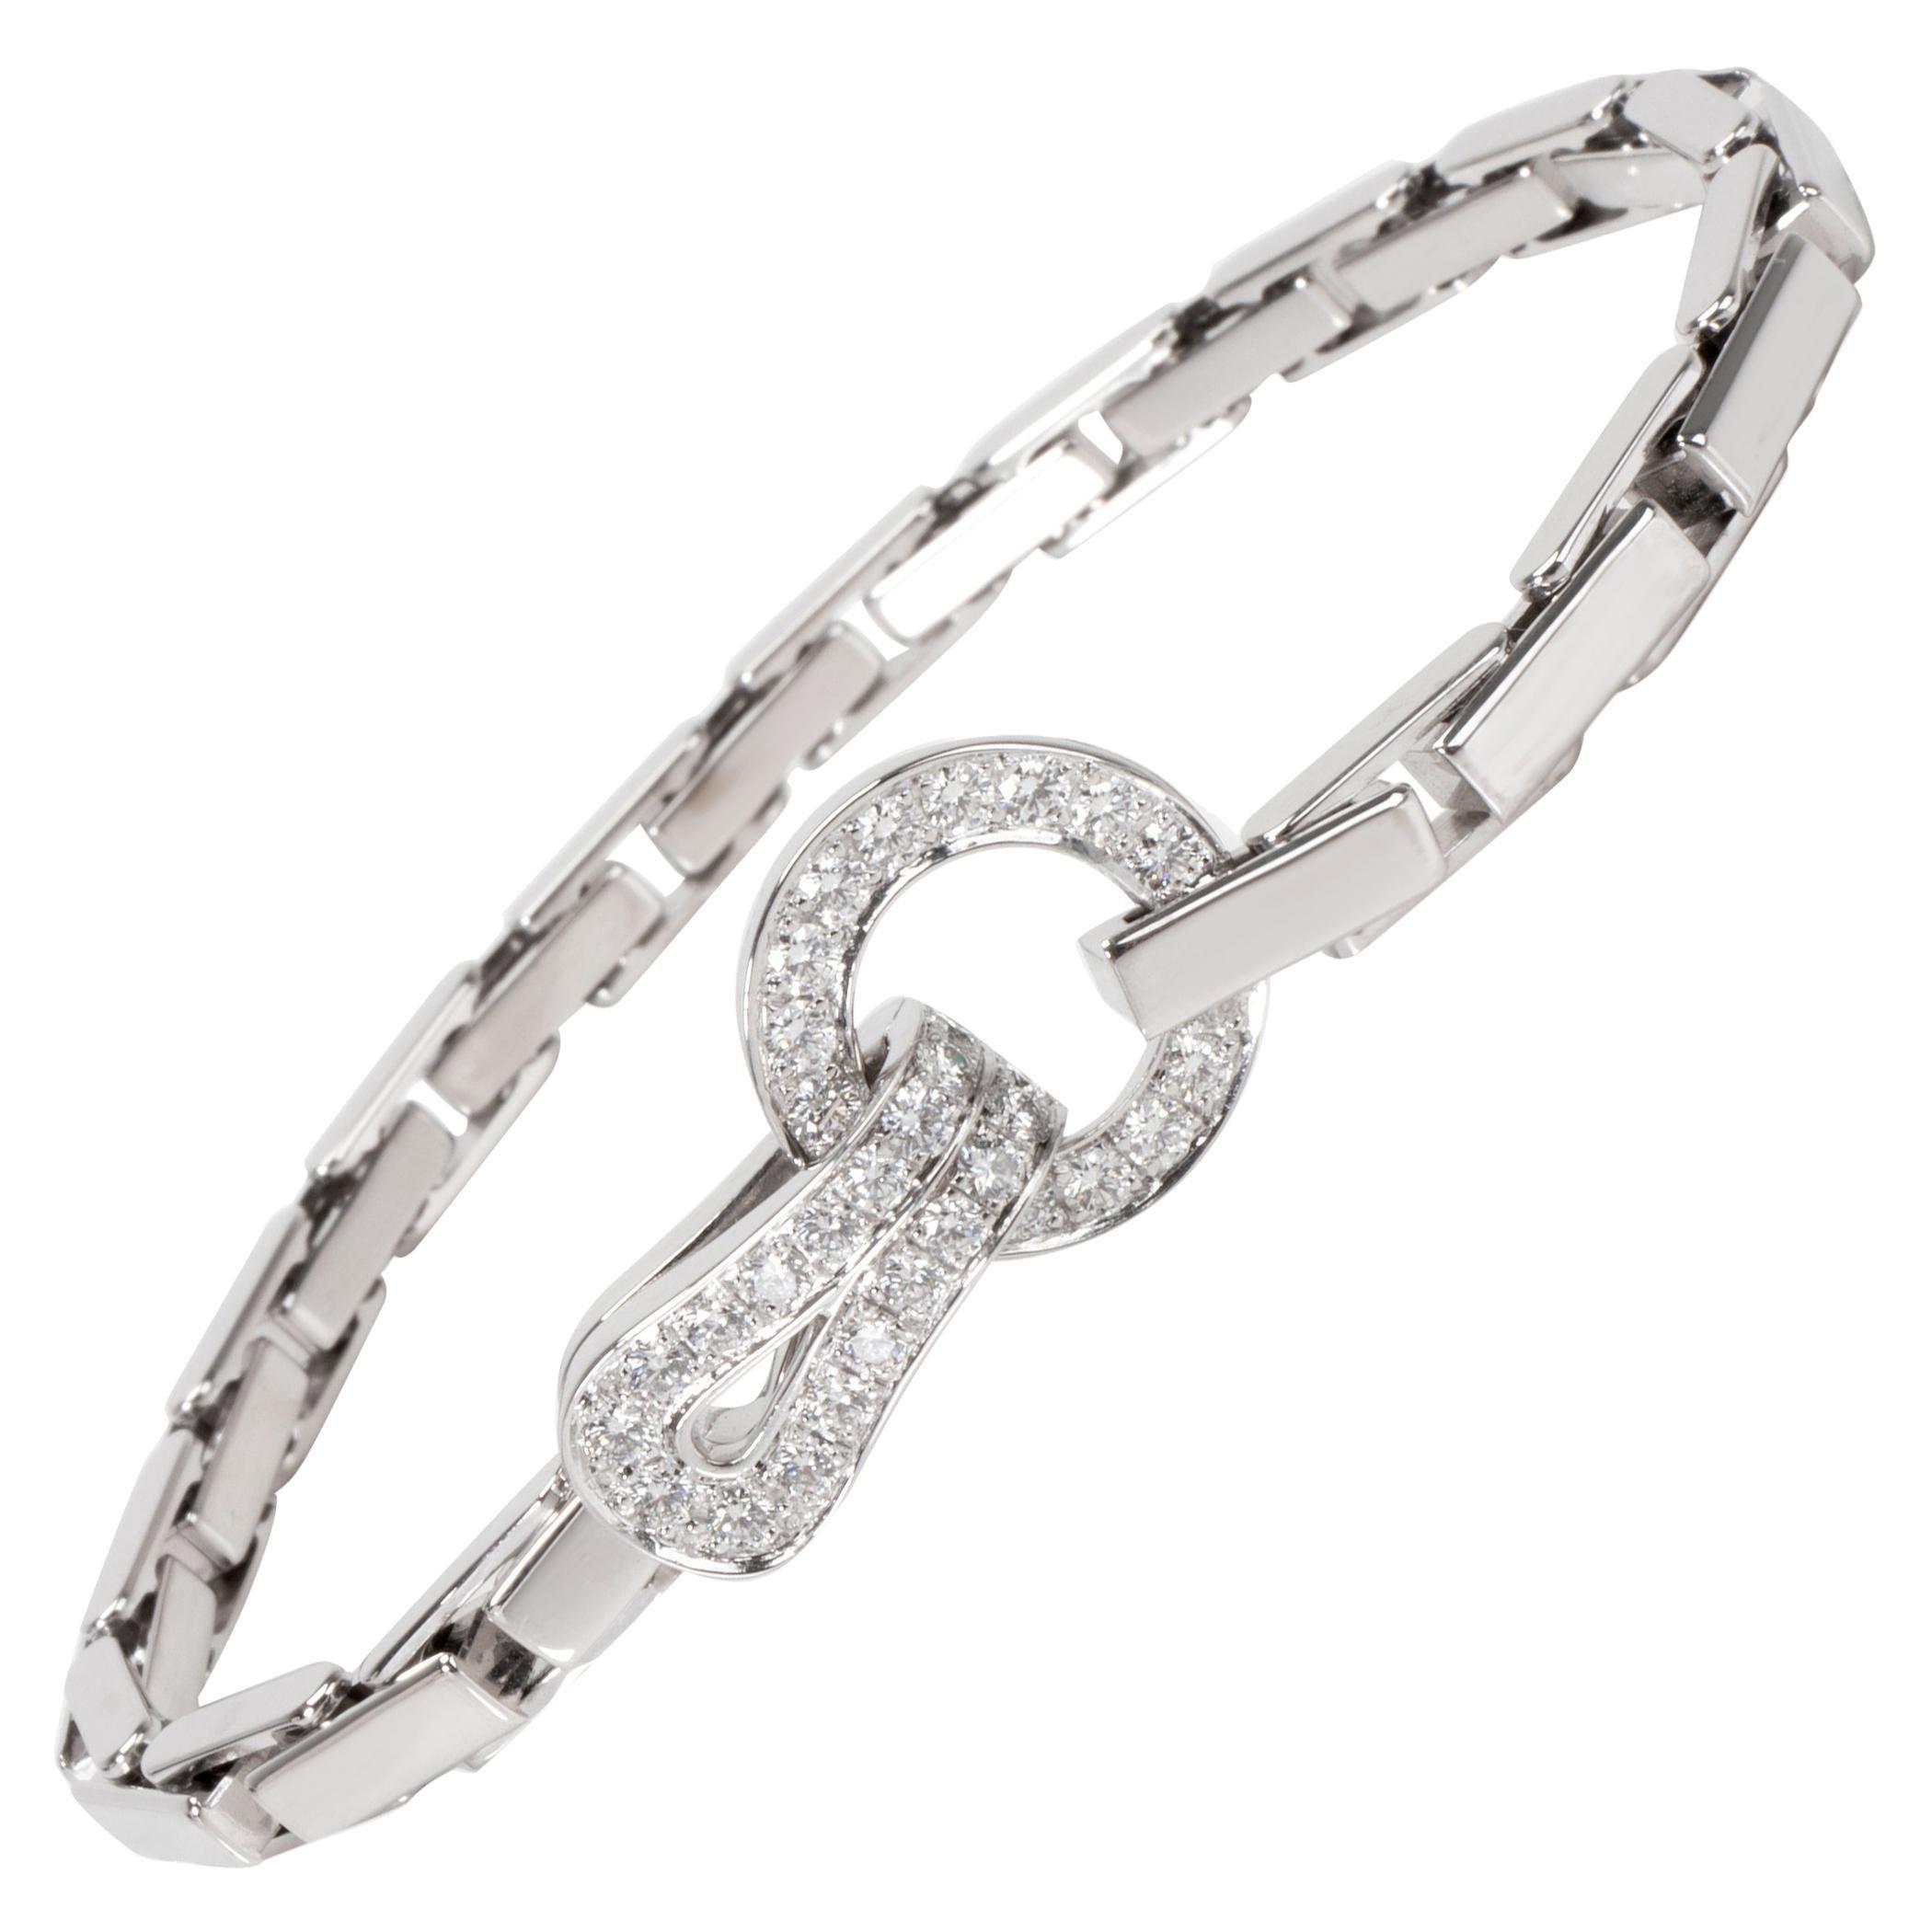 Cartier Agrafe Diamond Bracelet in 18 Karat White Gold 1.13 Carat